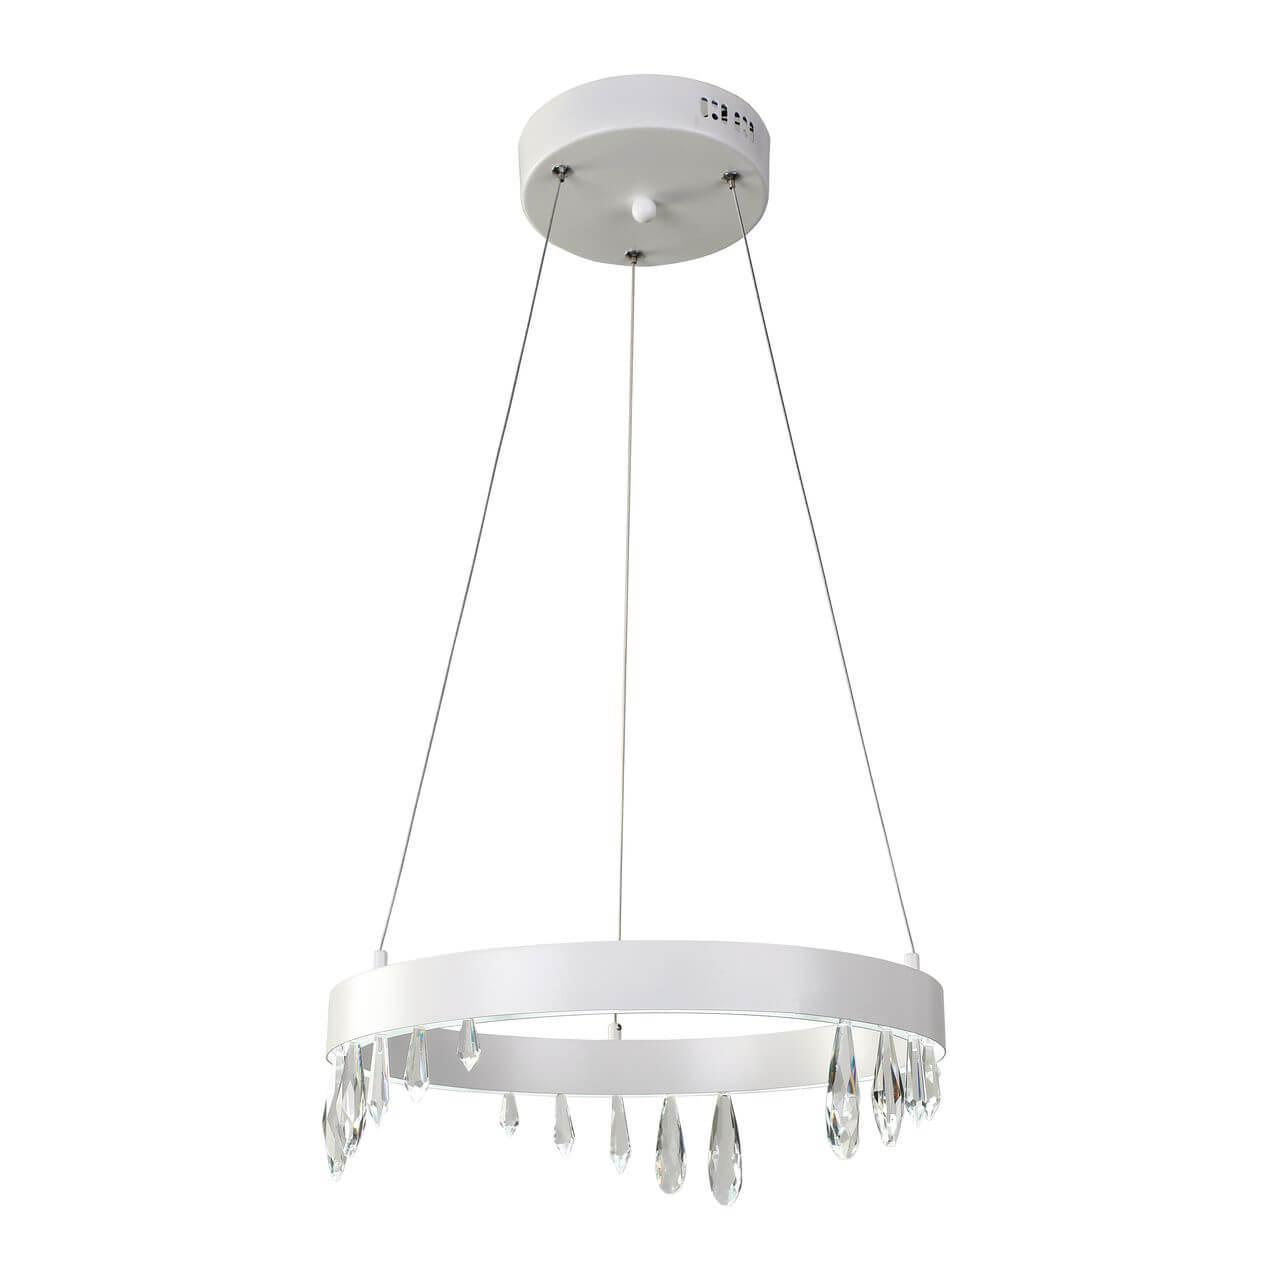 Подвесной светильник Favourite 1974-4P, LED, 24 Вт подвесной светильник favourite sibua 1713 4p